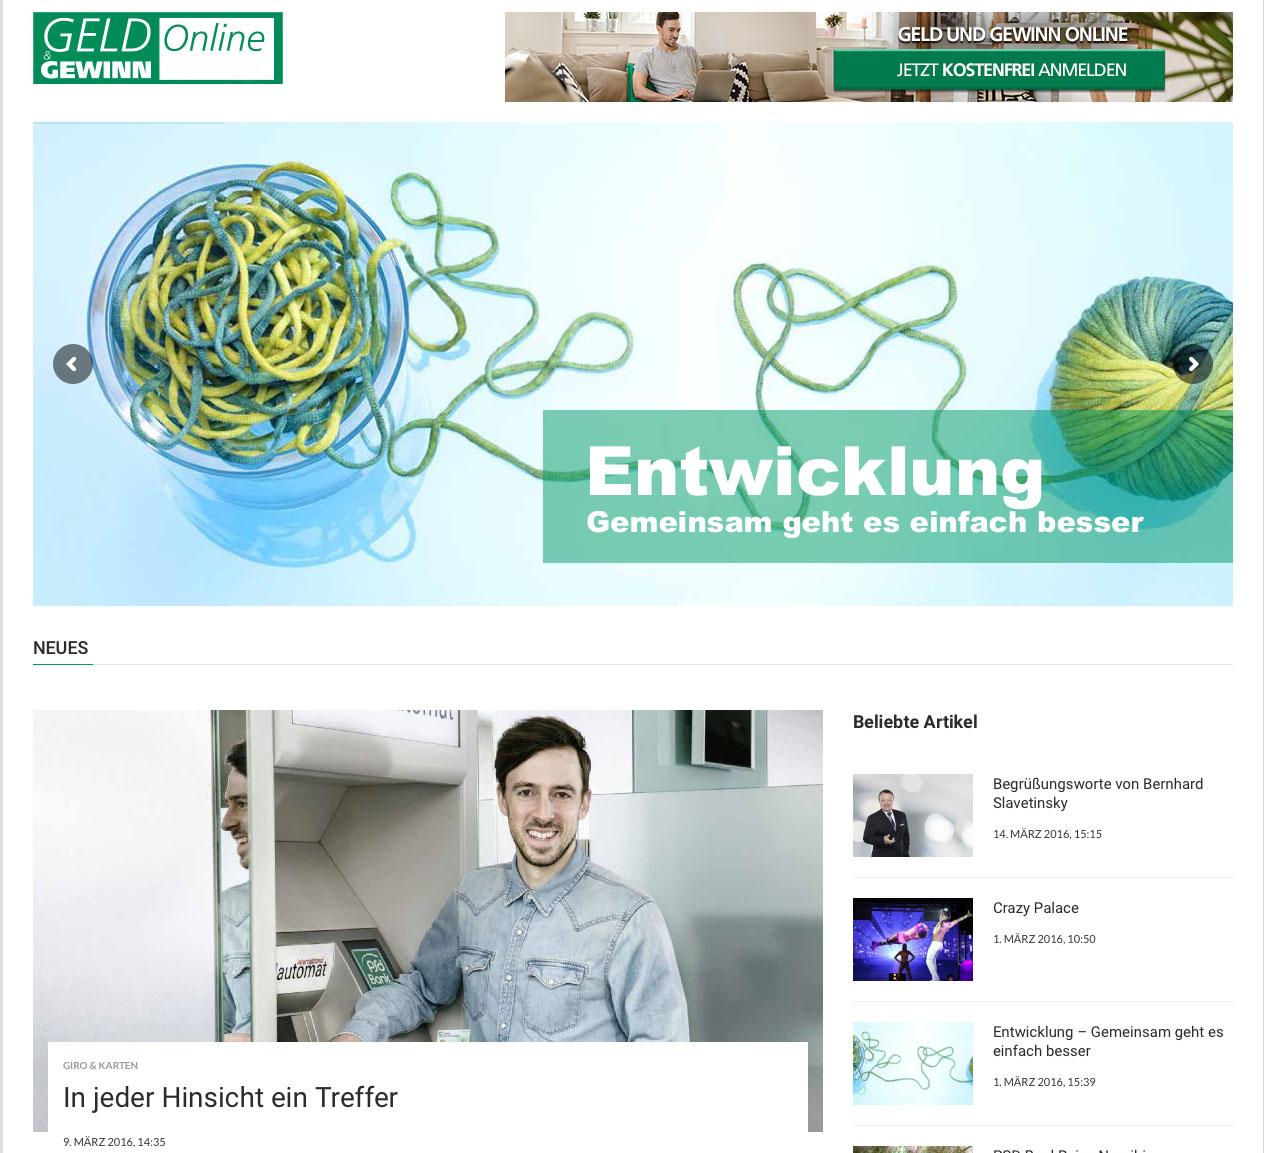 Geld und Gewinn Online – Das Kundenmagazin der PSD Bank Karlsruhe-Neustadt eG